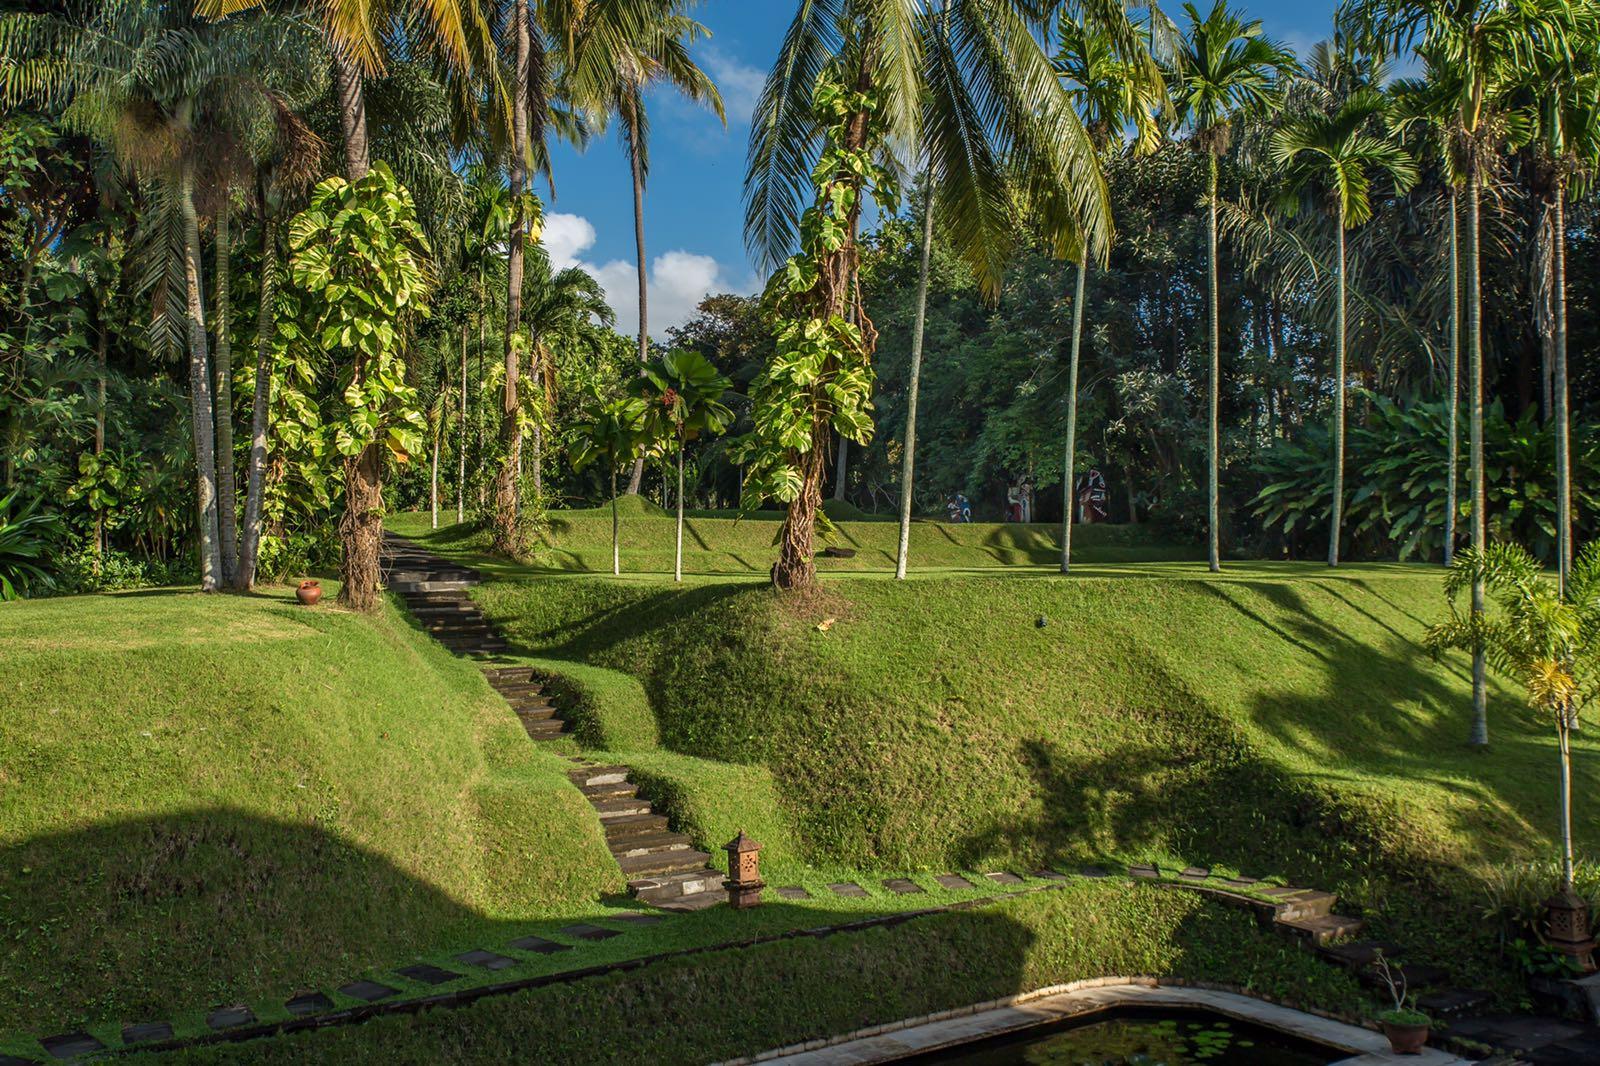 Bali-Purnati-garden .jpeg